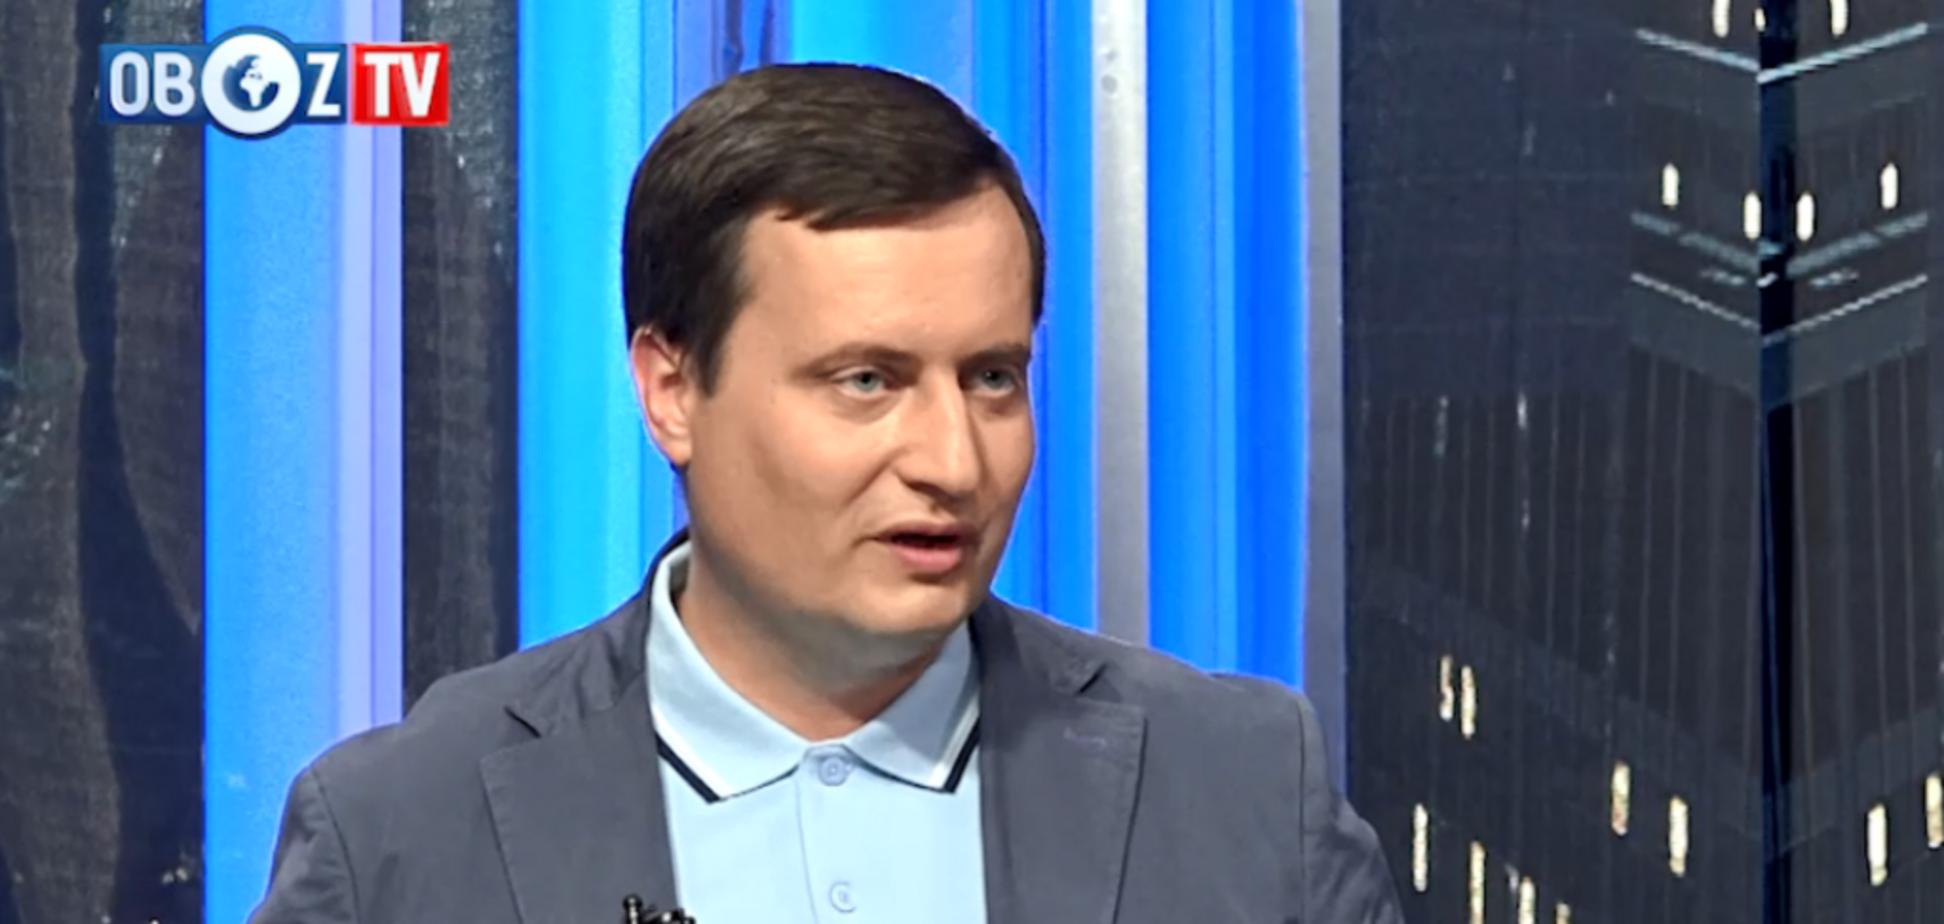 'Новые лица' в украинской политике: Юсов назвал важный нюанс